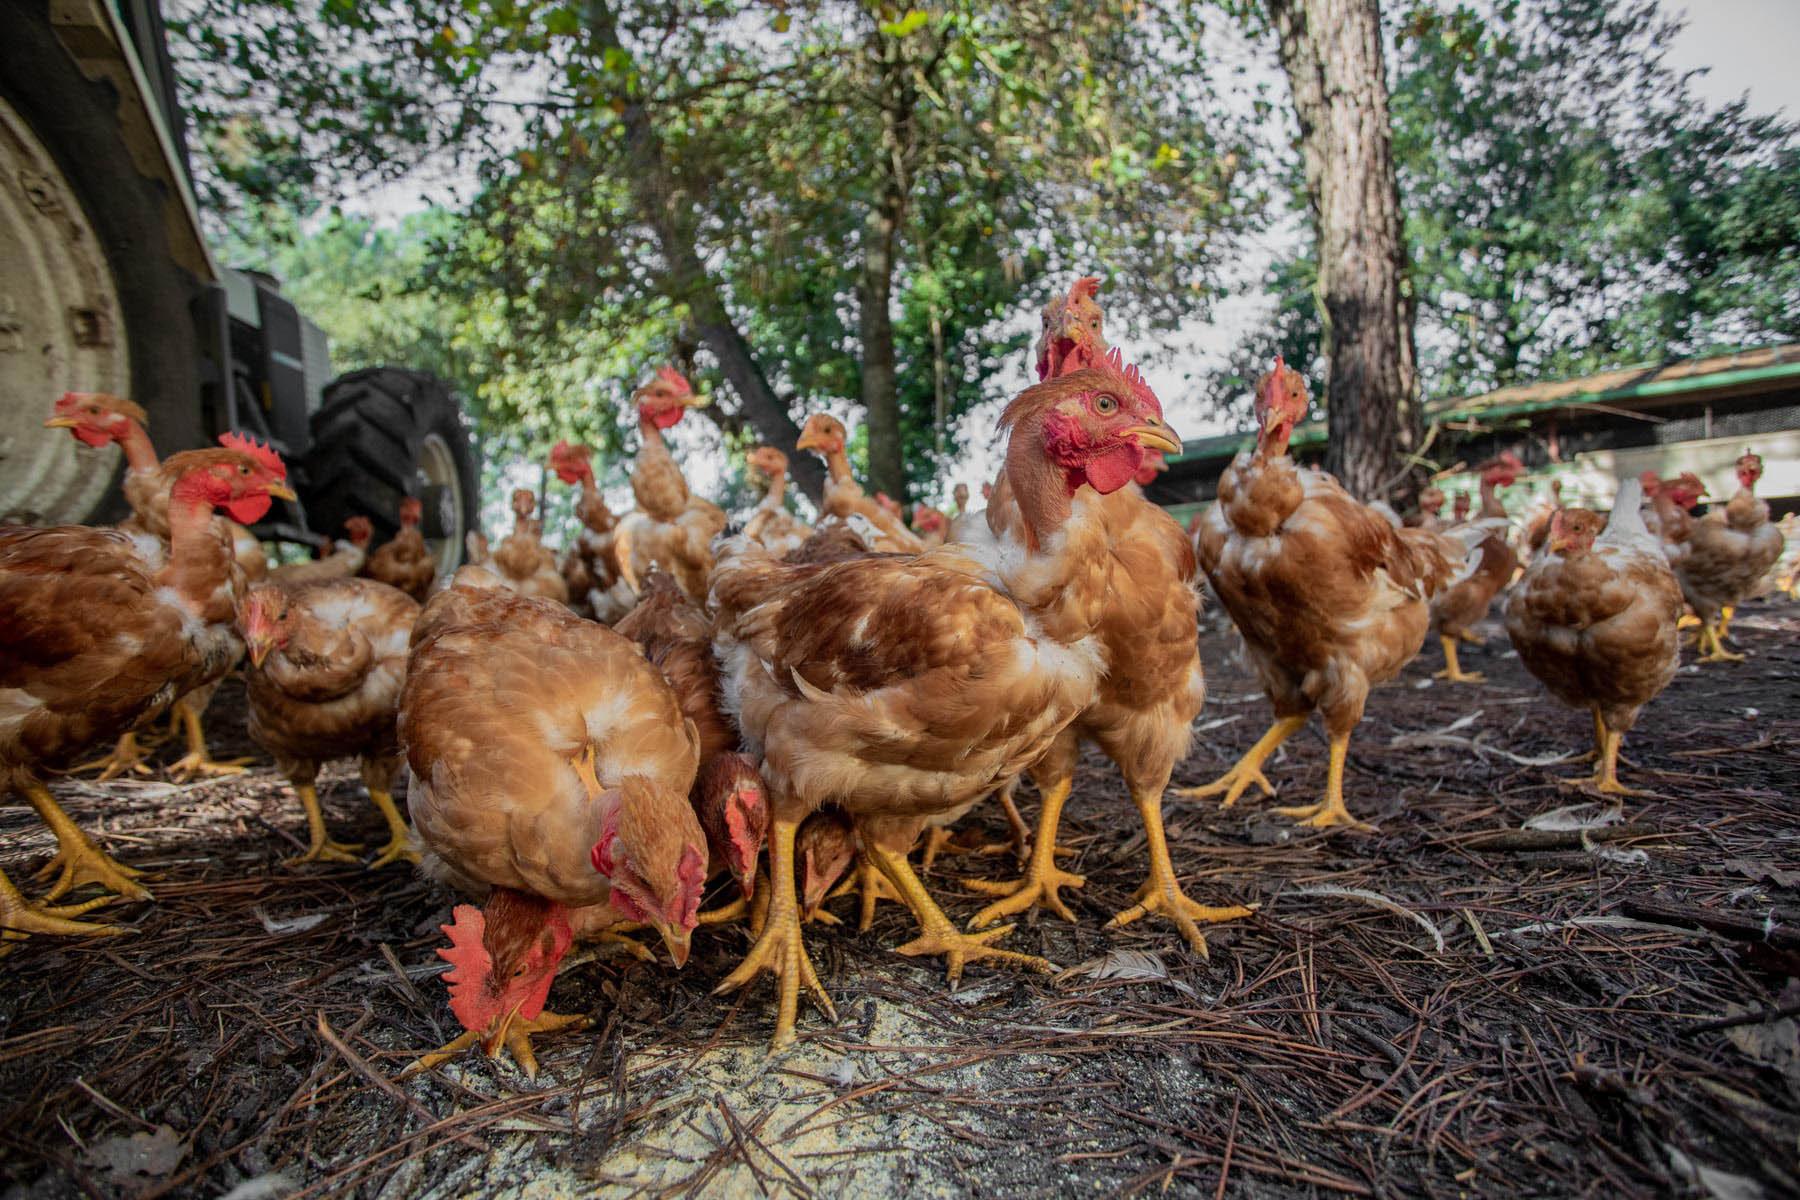 gros plan sur un poulet dans une ferme des landes par Carole photographe